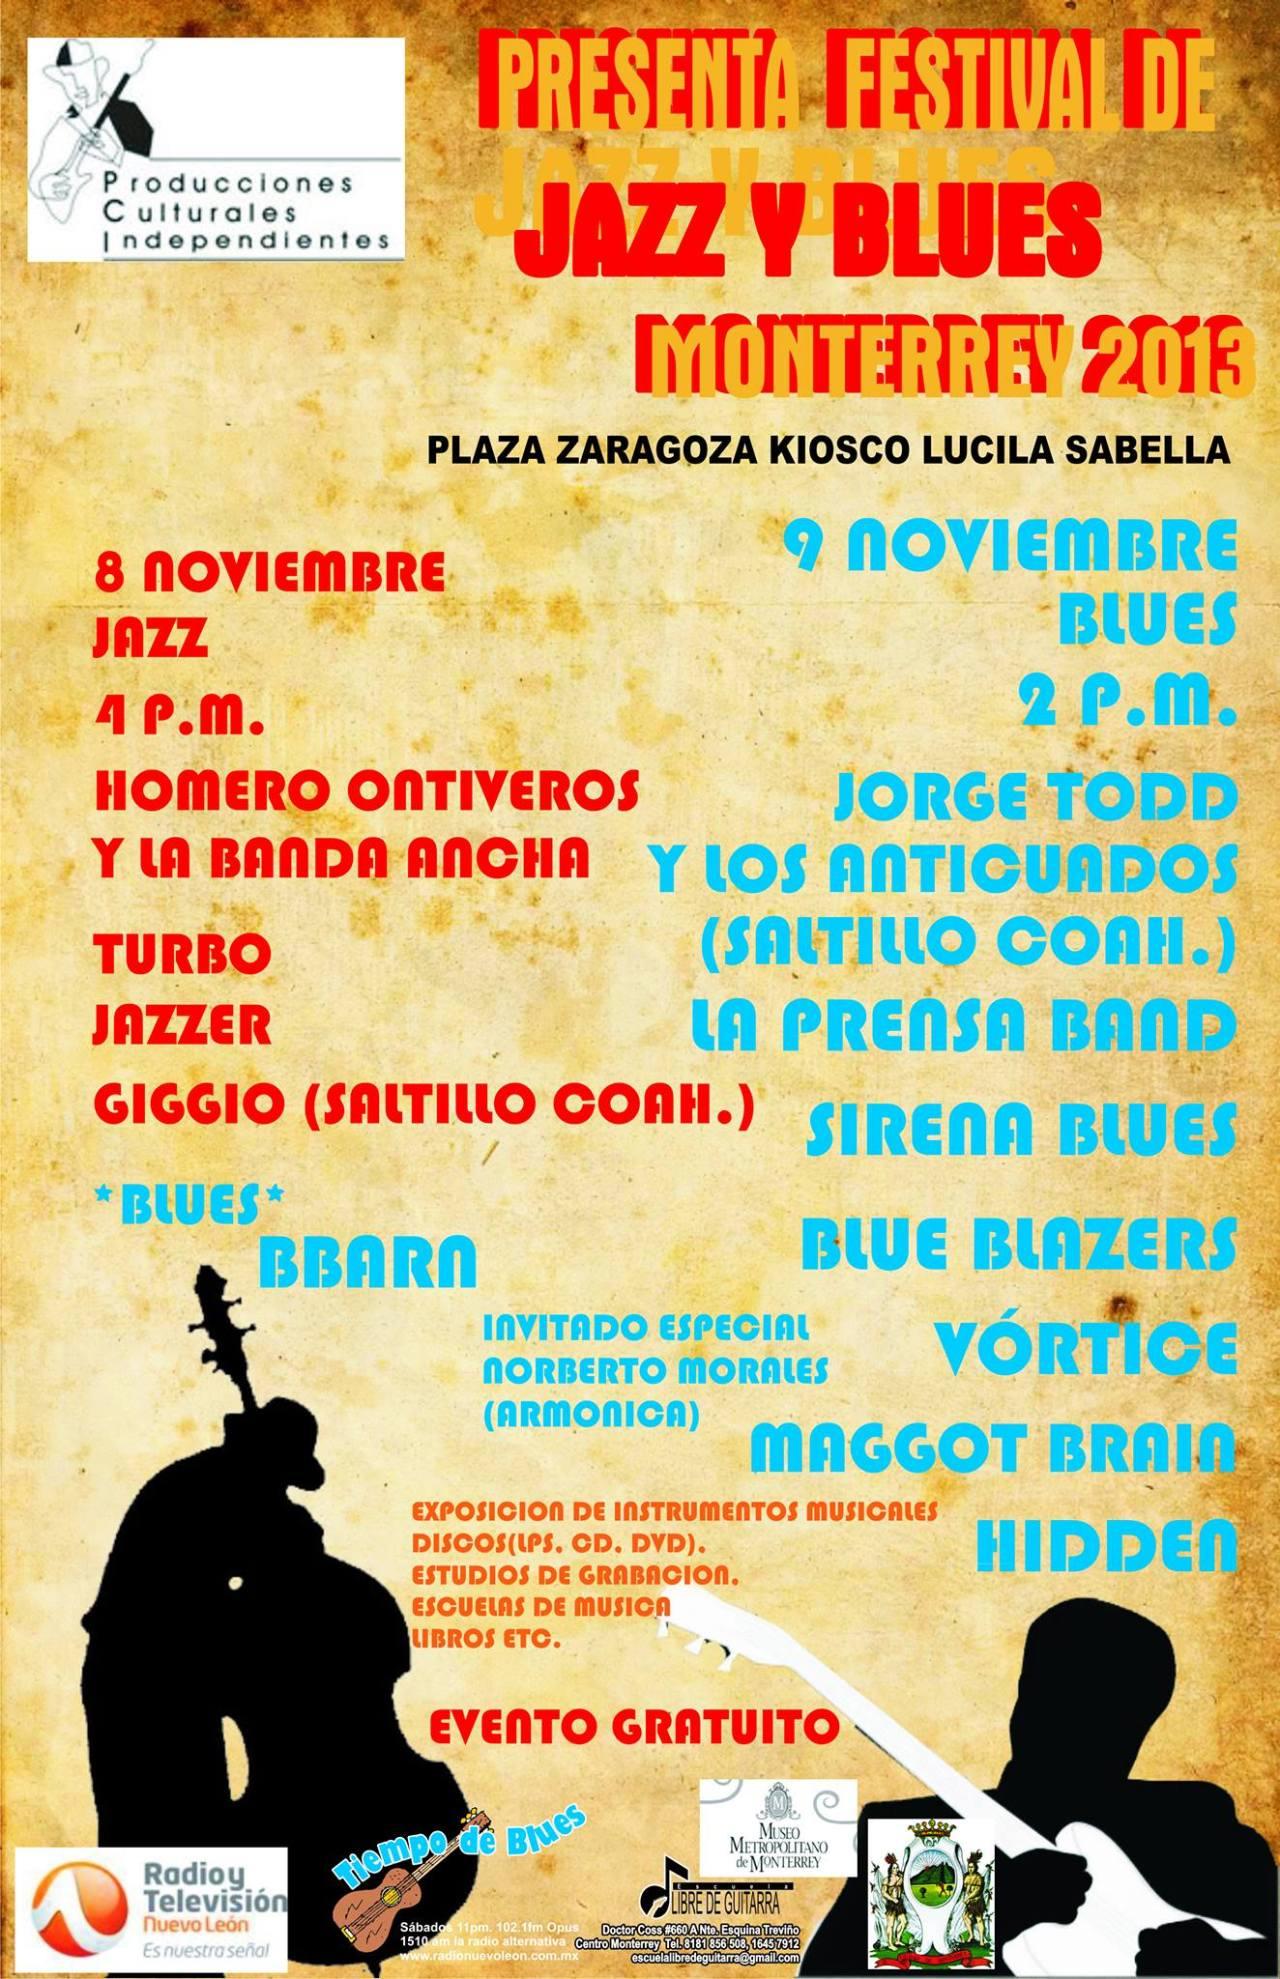 Sirena Blues - Festival de Blues y Jazz Monterrey 2013